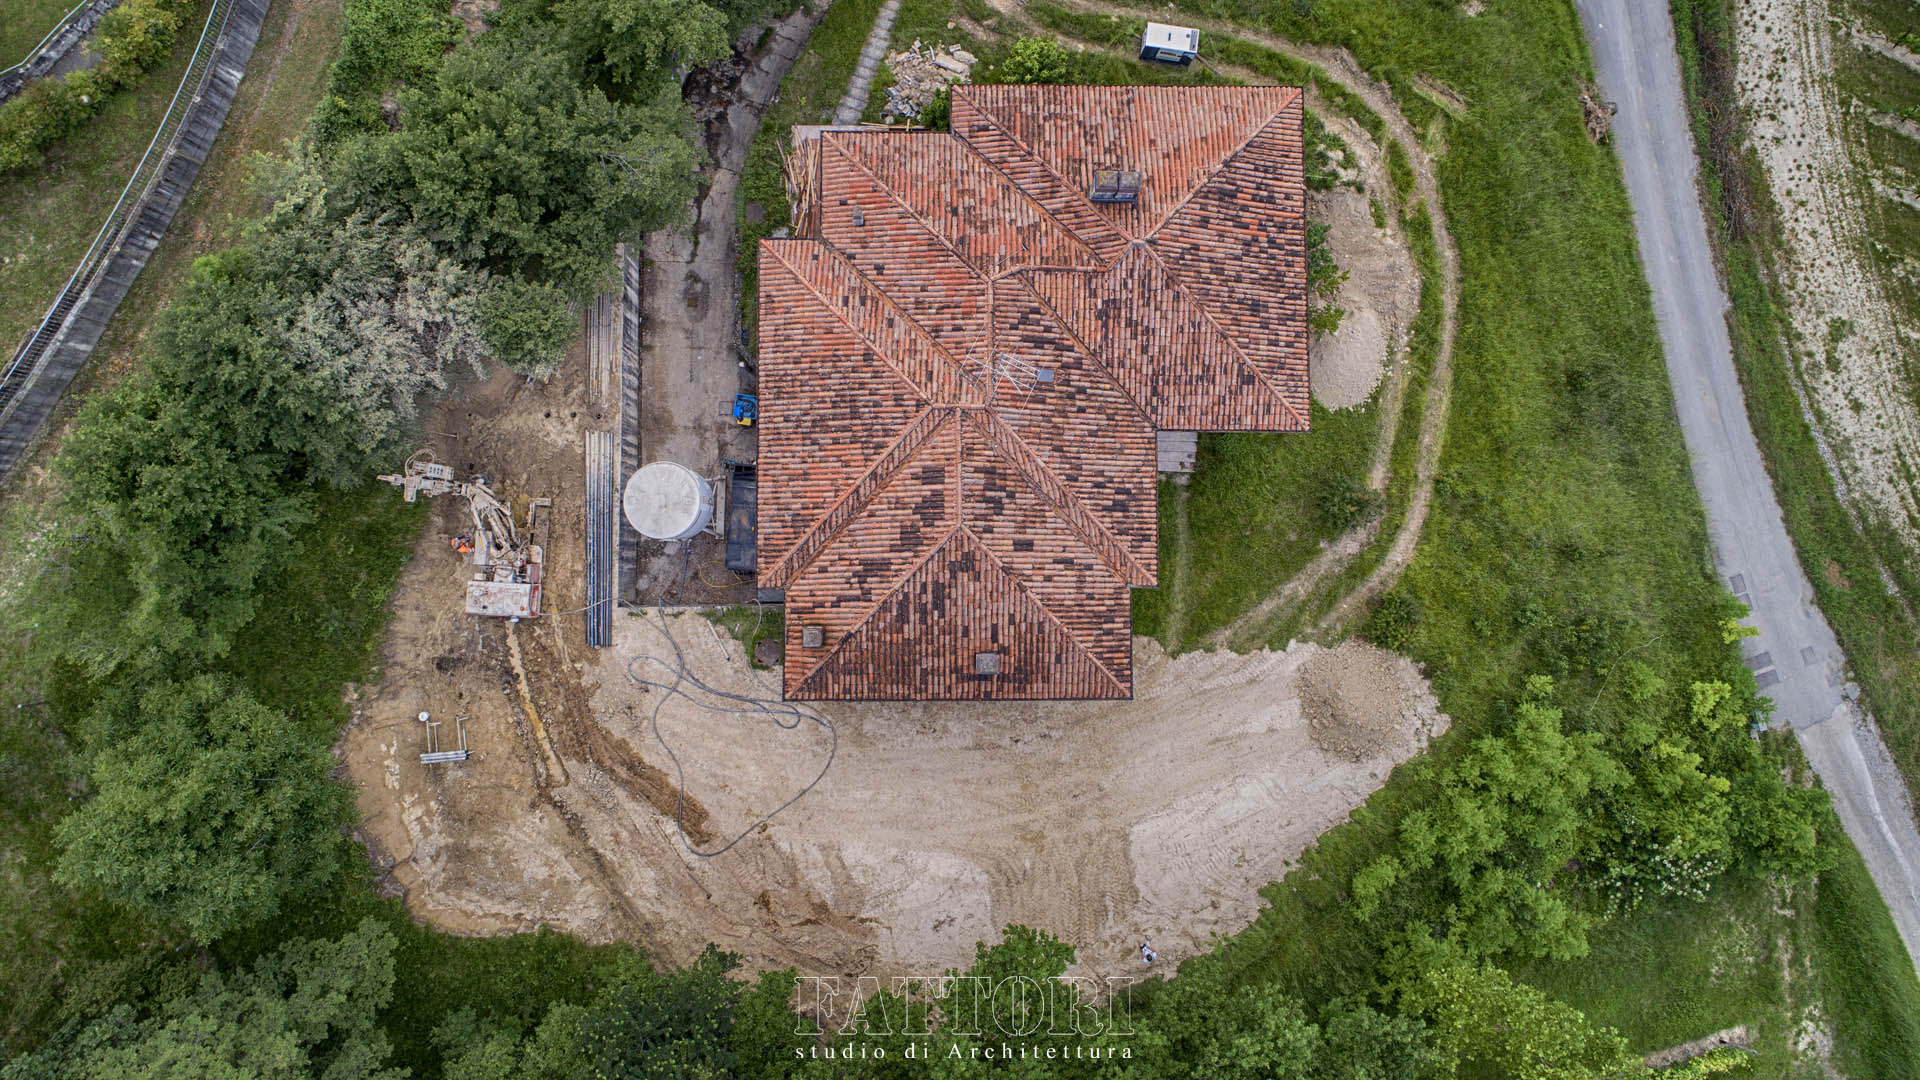 Studio di Architettura Fattori Fausto - progetto residenza privata_micropali consolidamento terreno_1